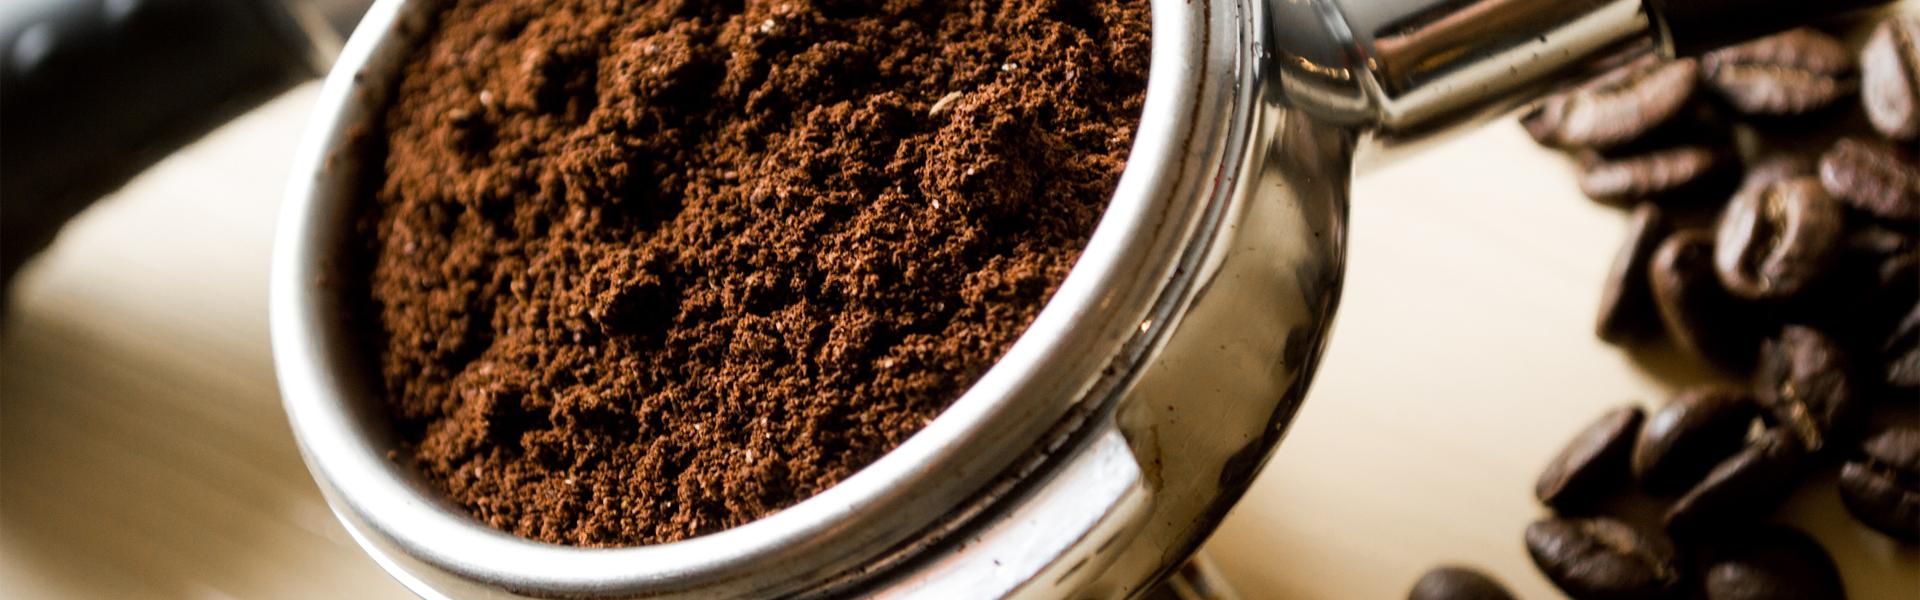 Alles für deinen perfekten Kaffee